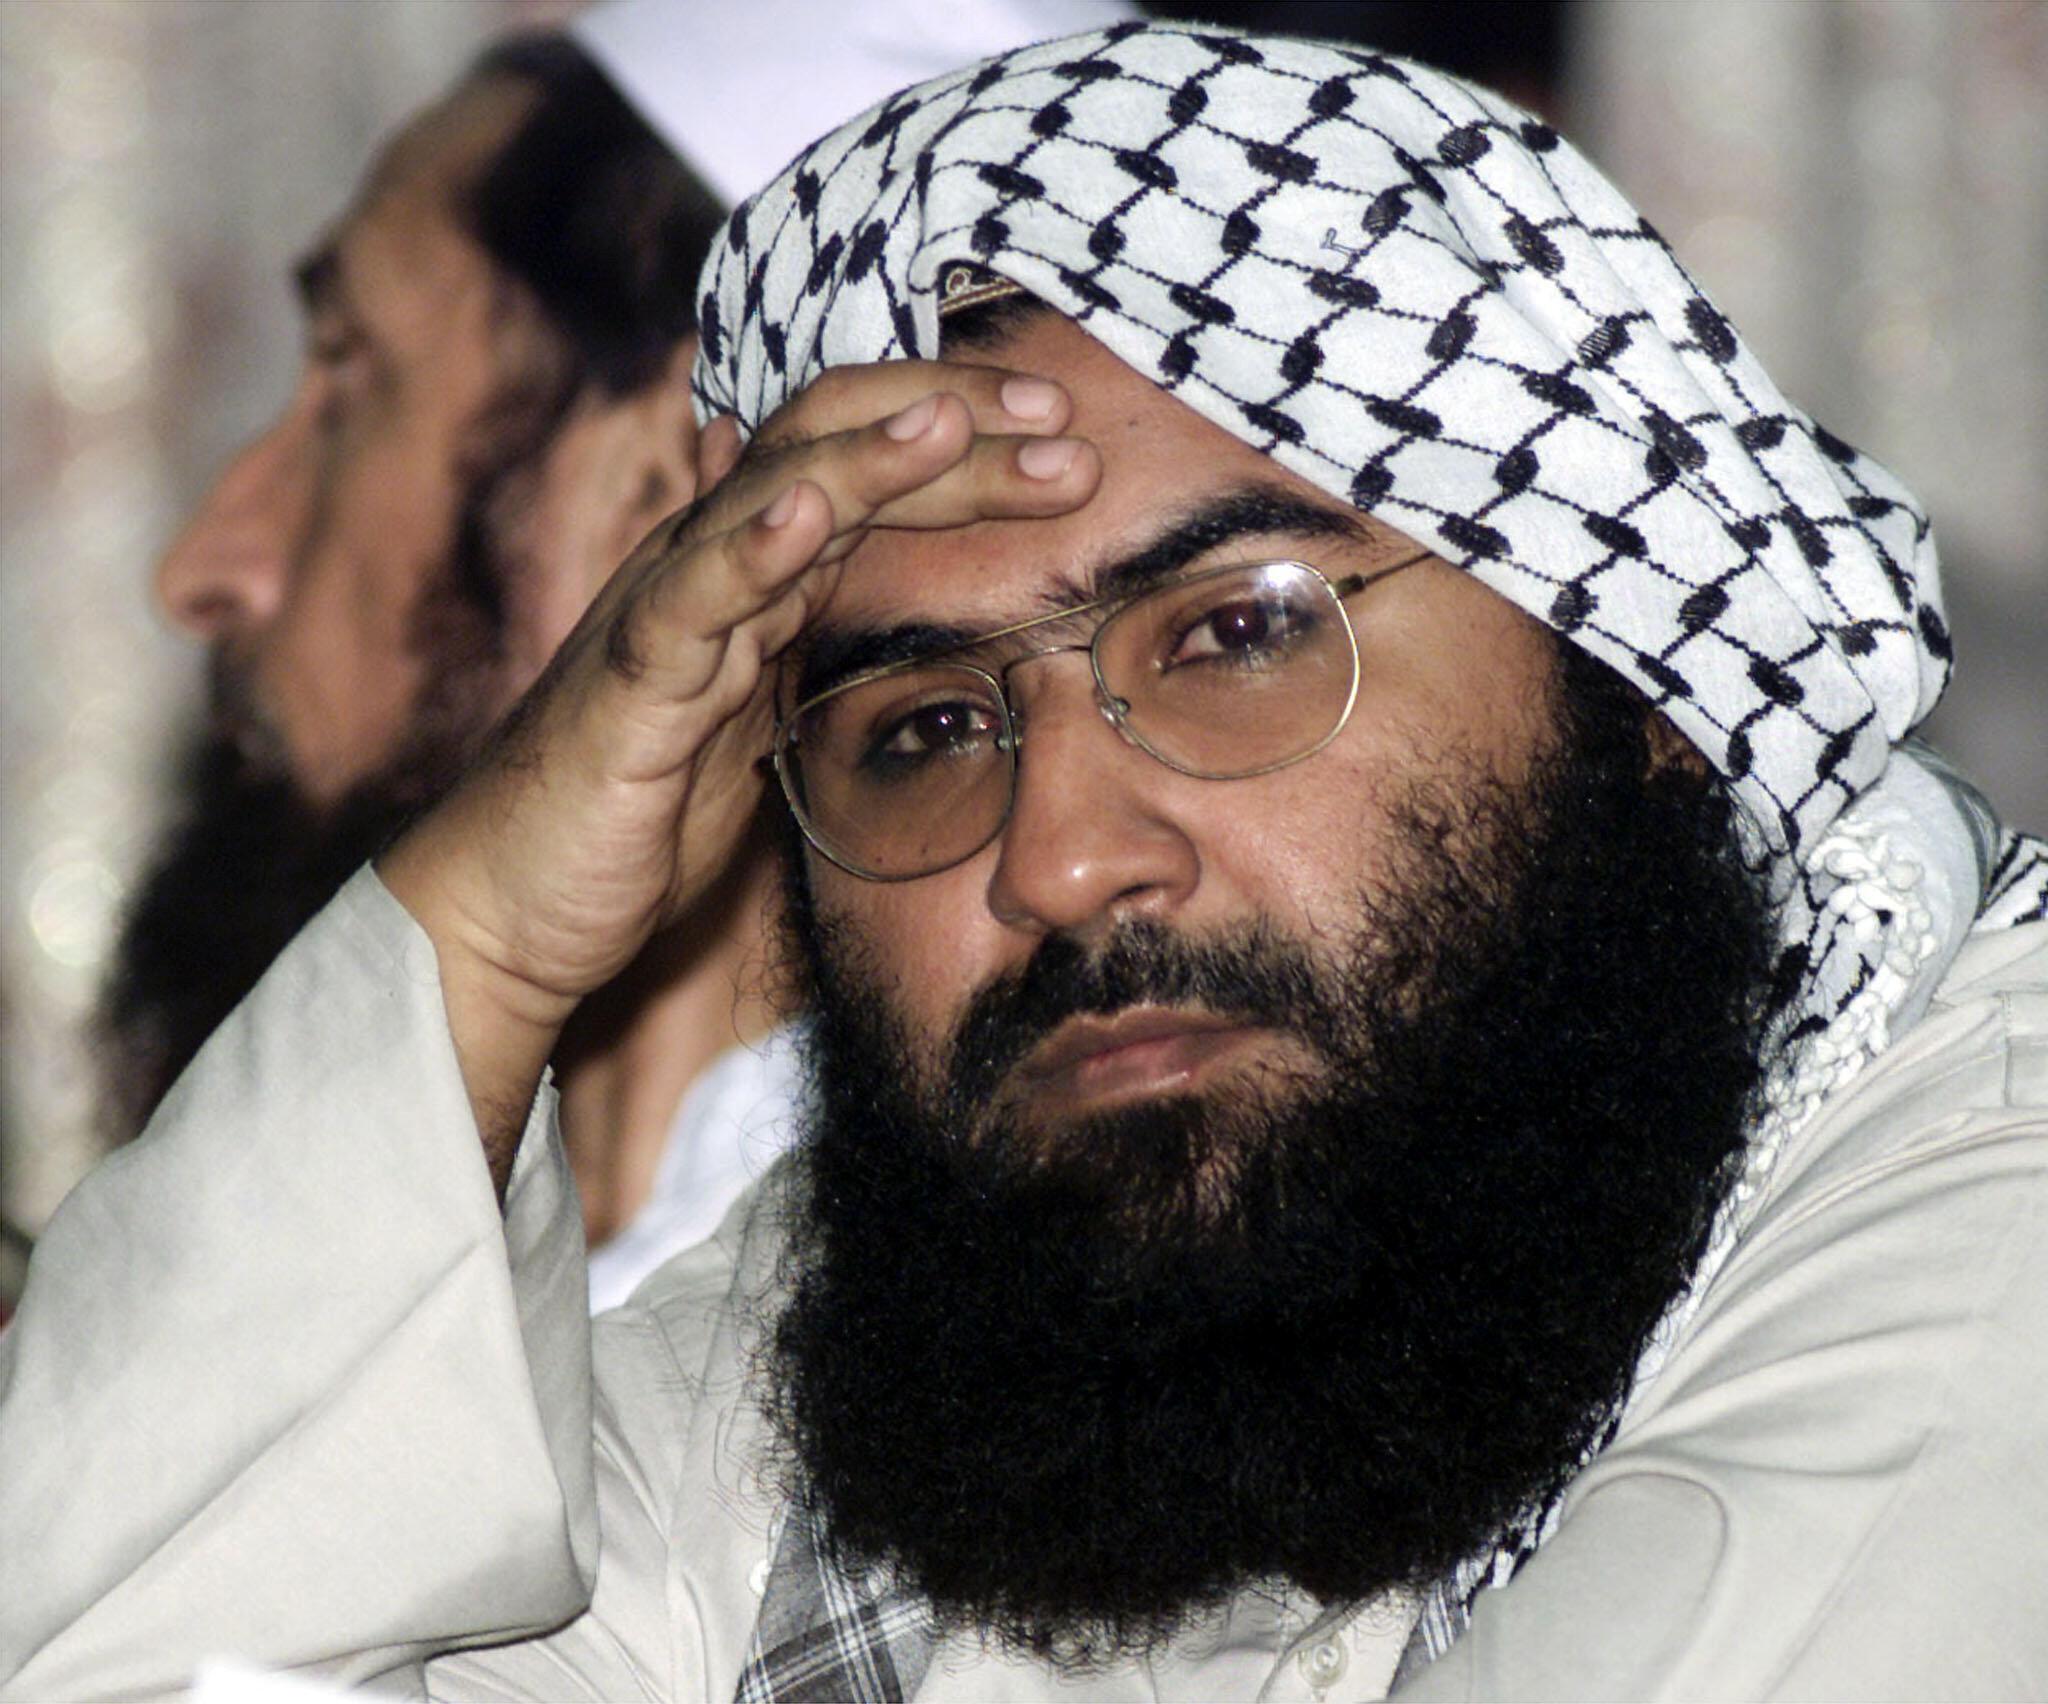 巴基斯坦伊斯蘭組織穆罕默德軍首腦馬蘇德·阿資哈爾(Masood Azhar),2001年8月。